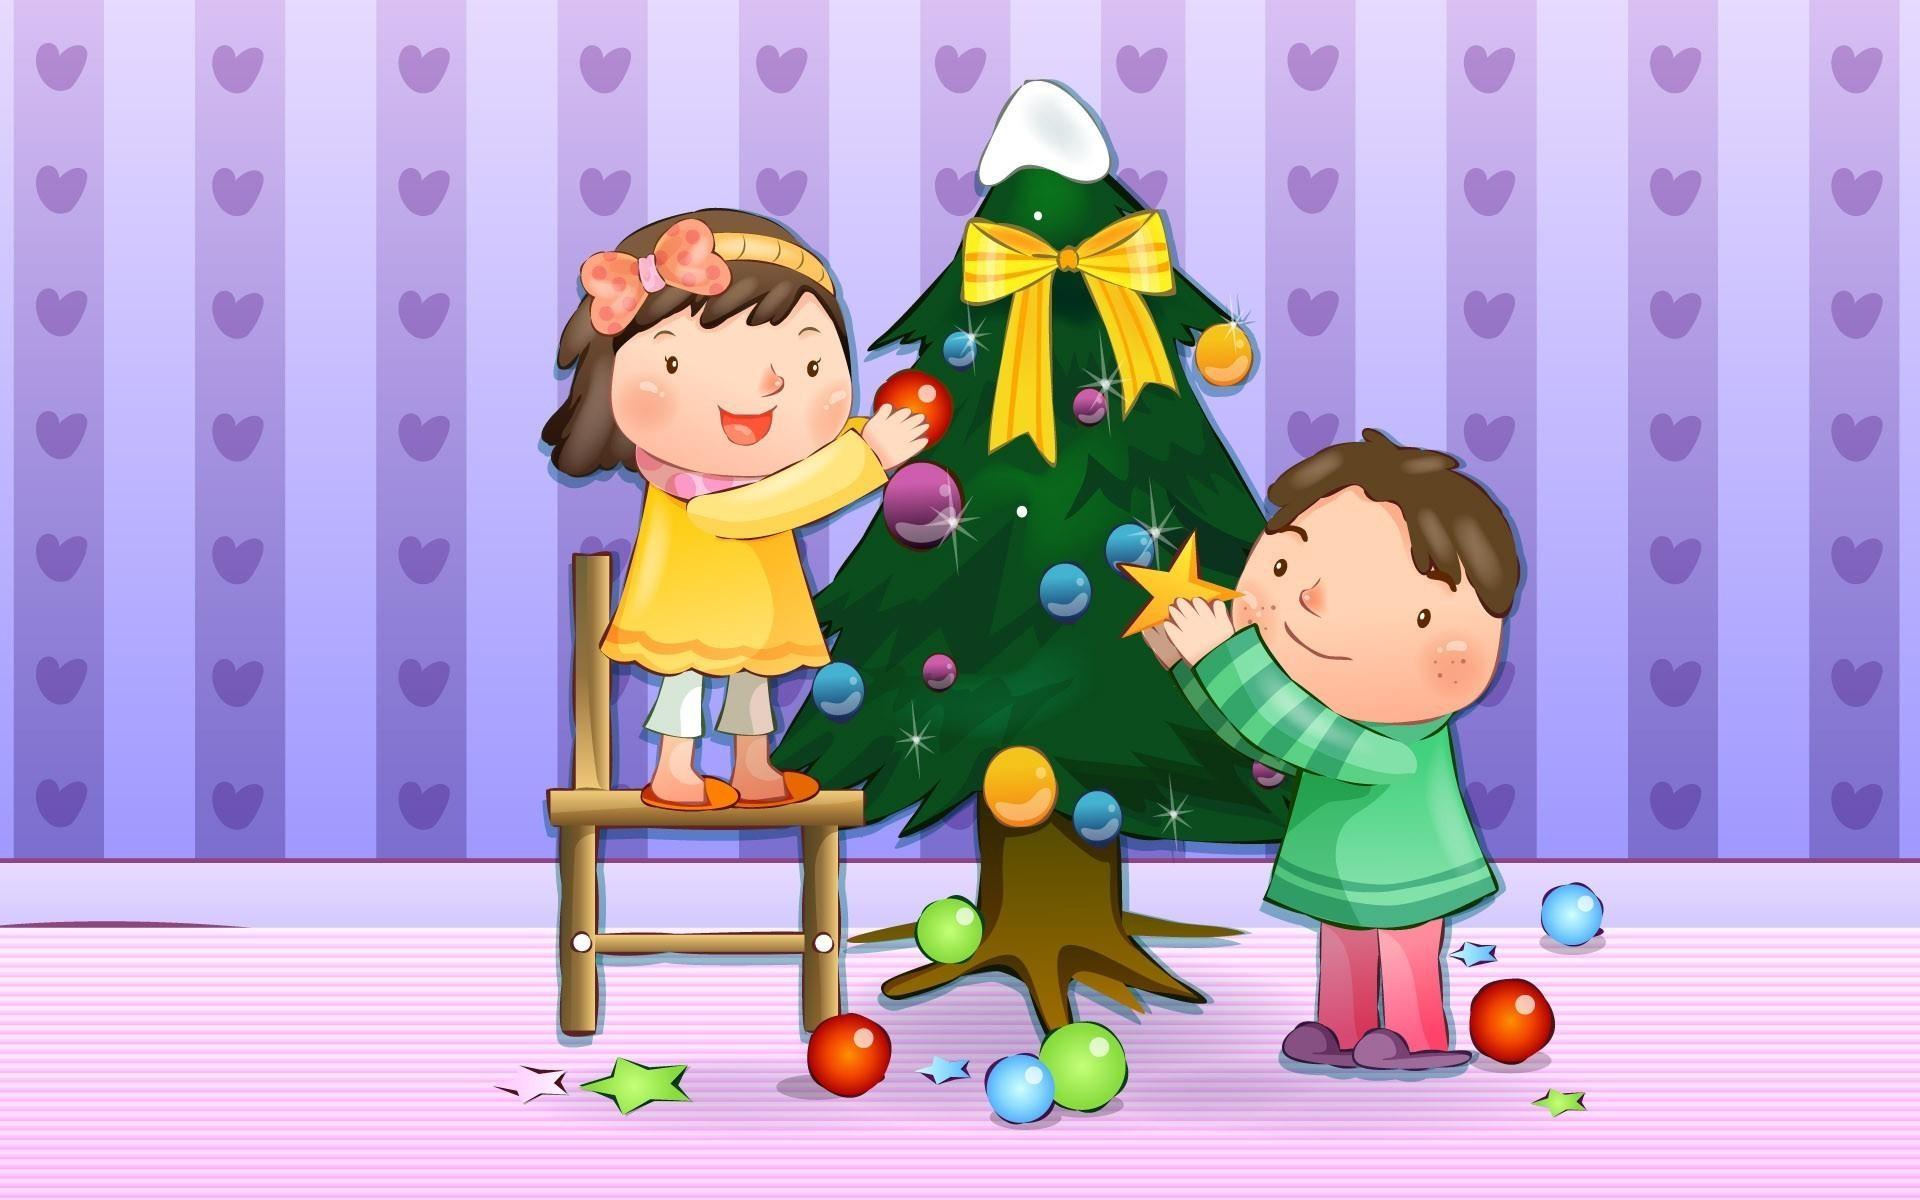 Fondos para ni os en navidad hd 1920x1200 imagenes wallpapers gratis dibujos fondos de - Dibujo de navidad para ninos ...